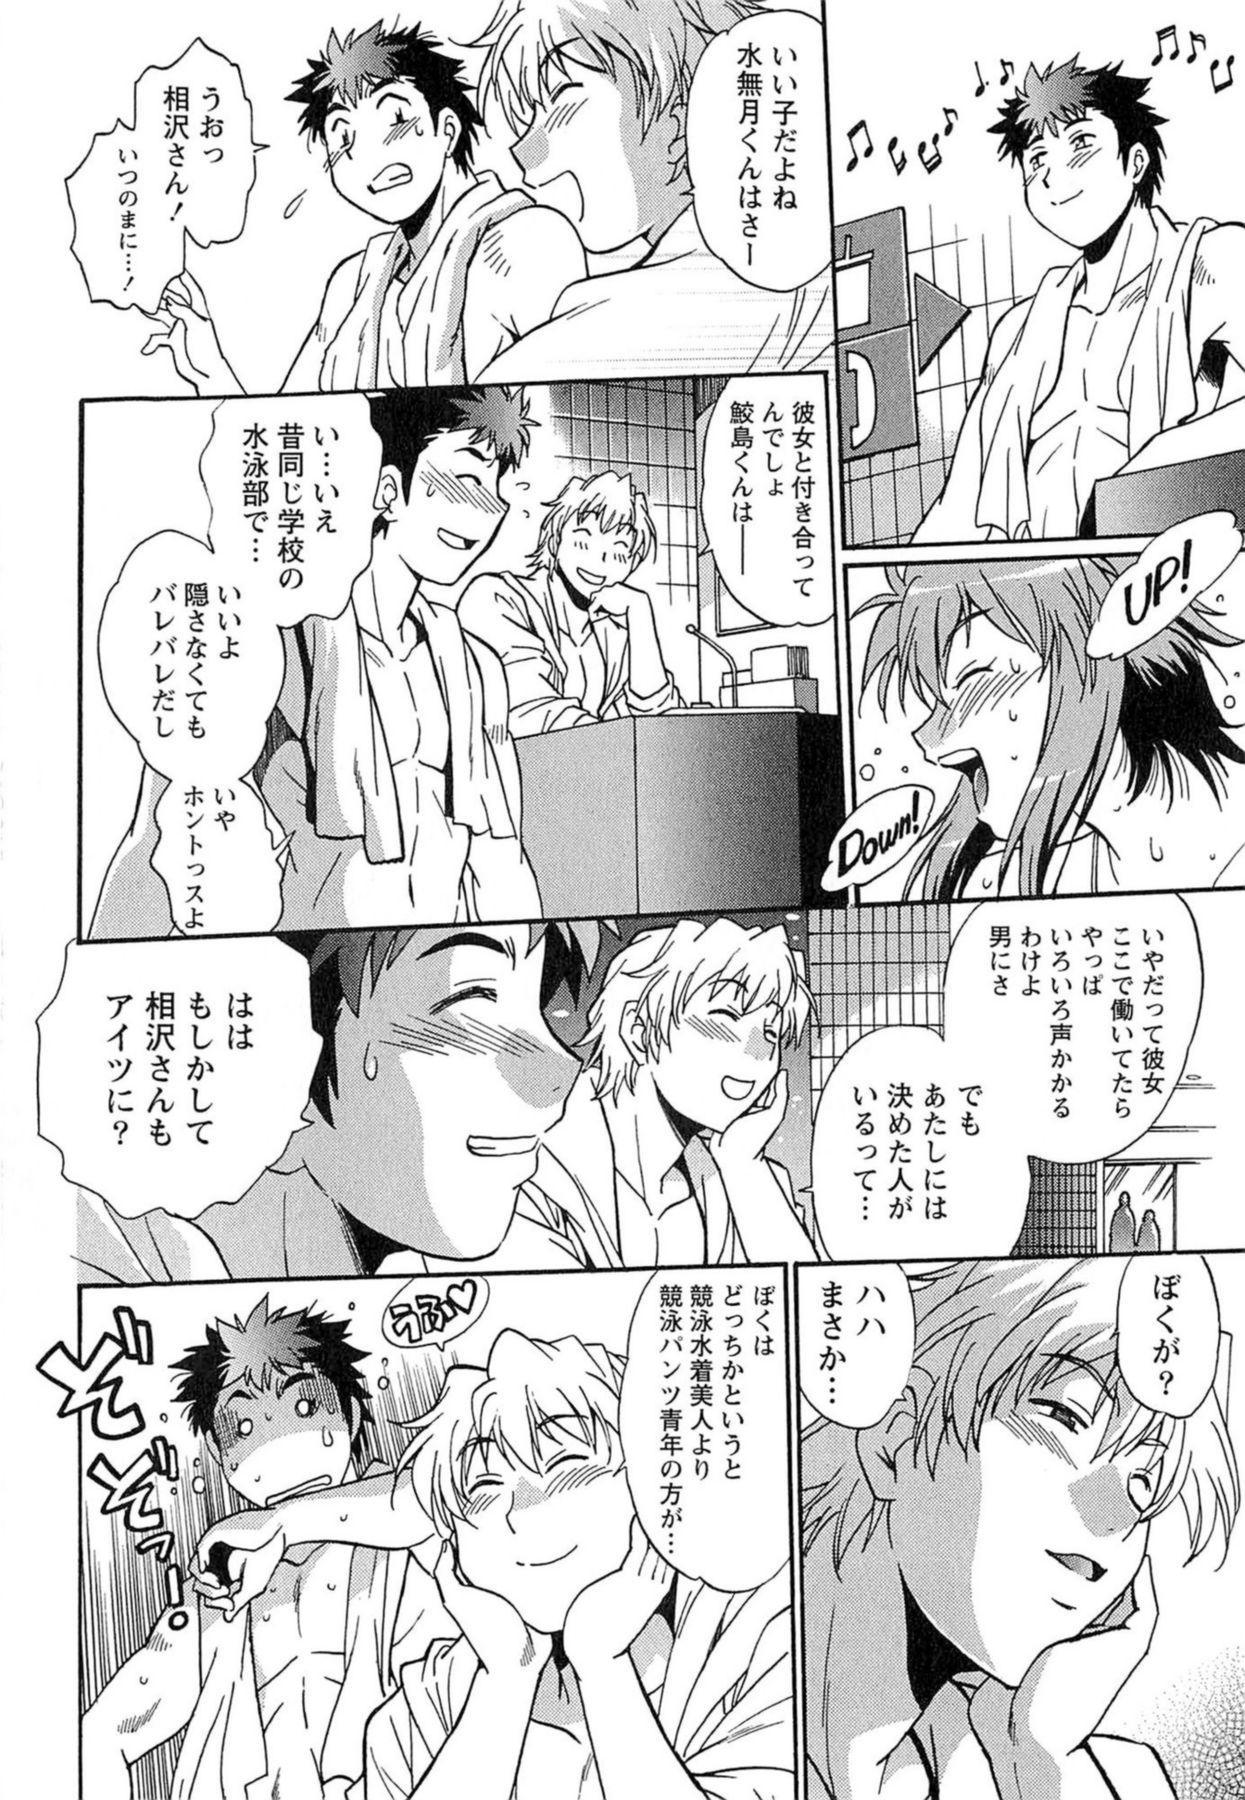 Kuikomi wo Naoshiteru Hima wa Nai! Vol. 1 54